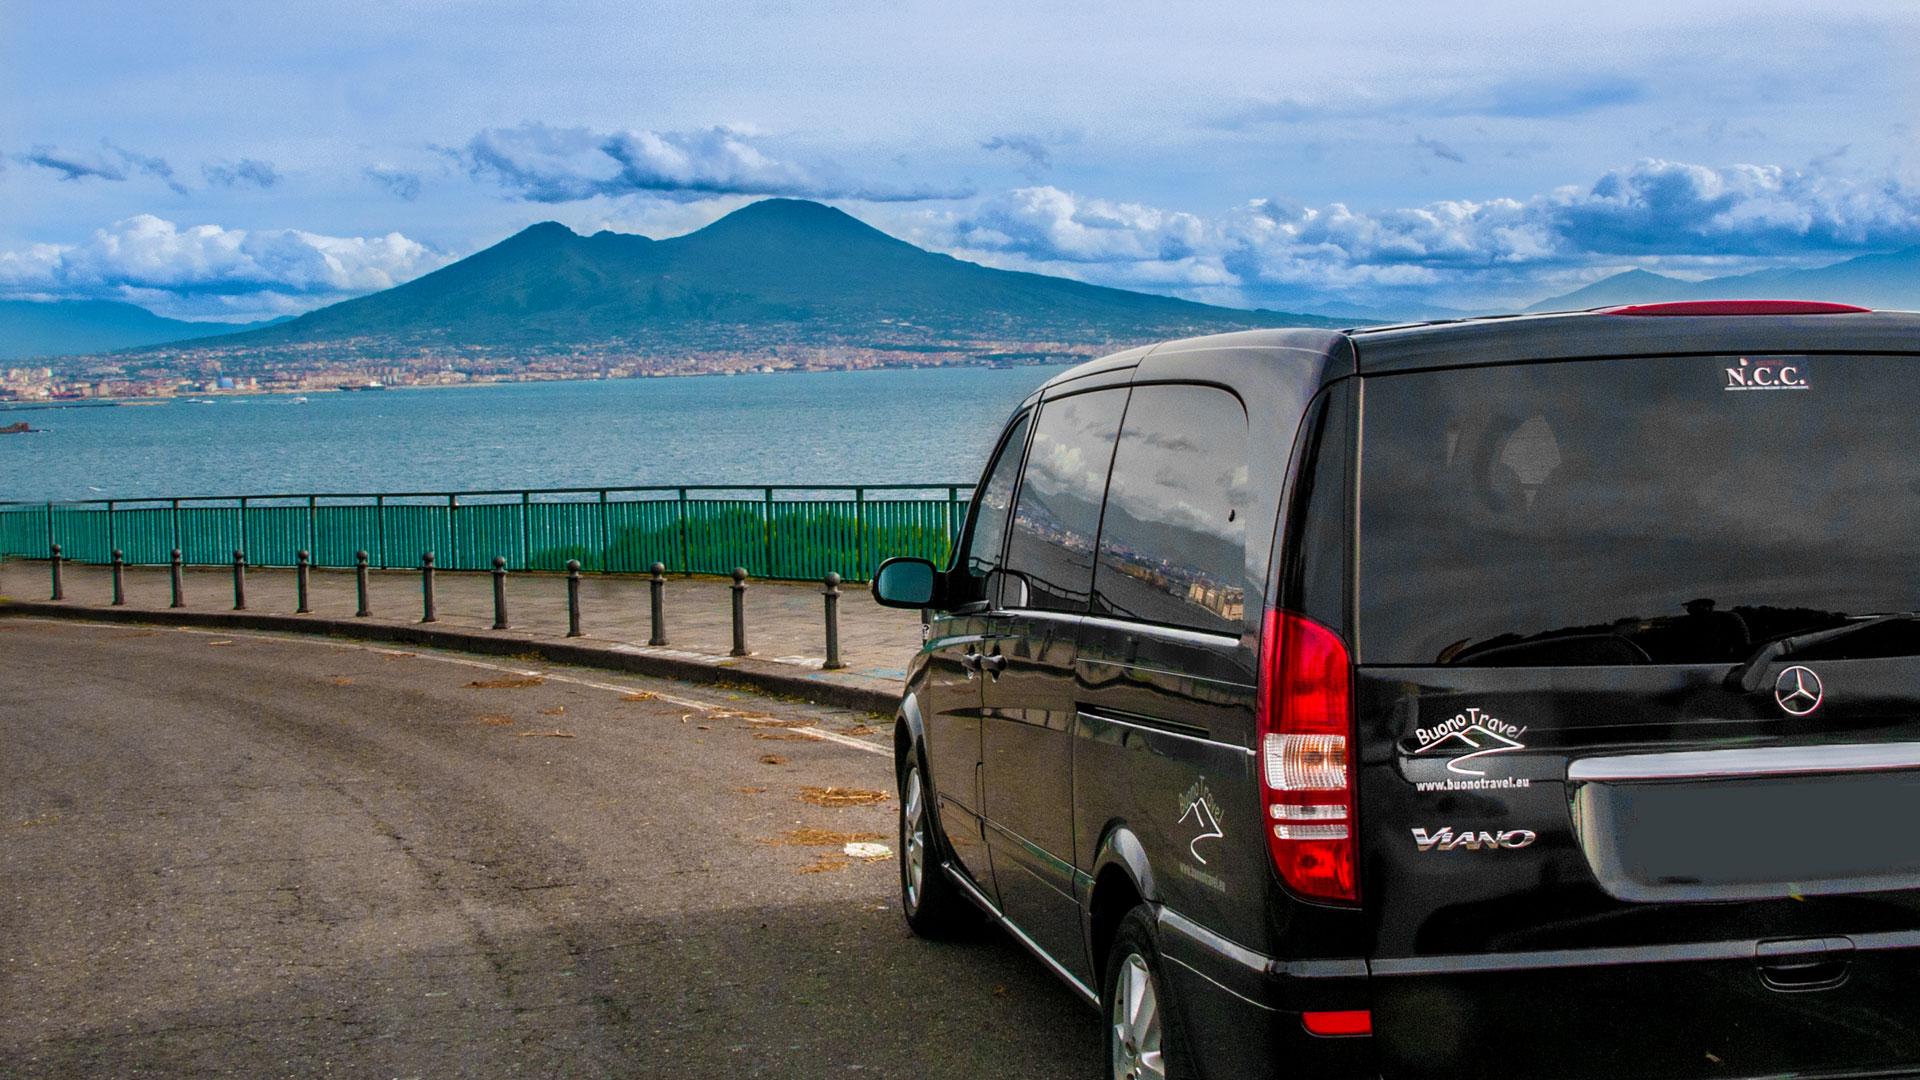 Foto di Buono travel Noleggio con conducente NCC di Napoli  Campania  Italia